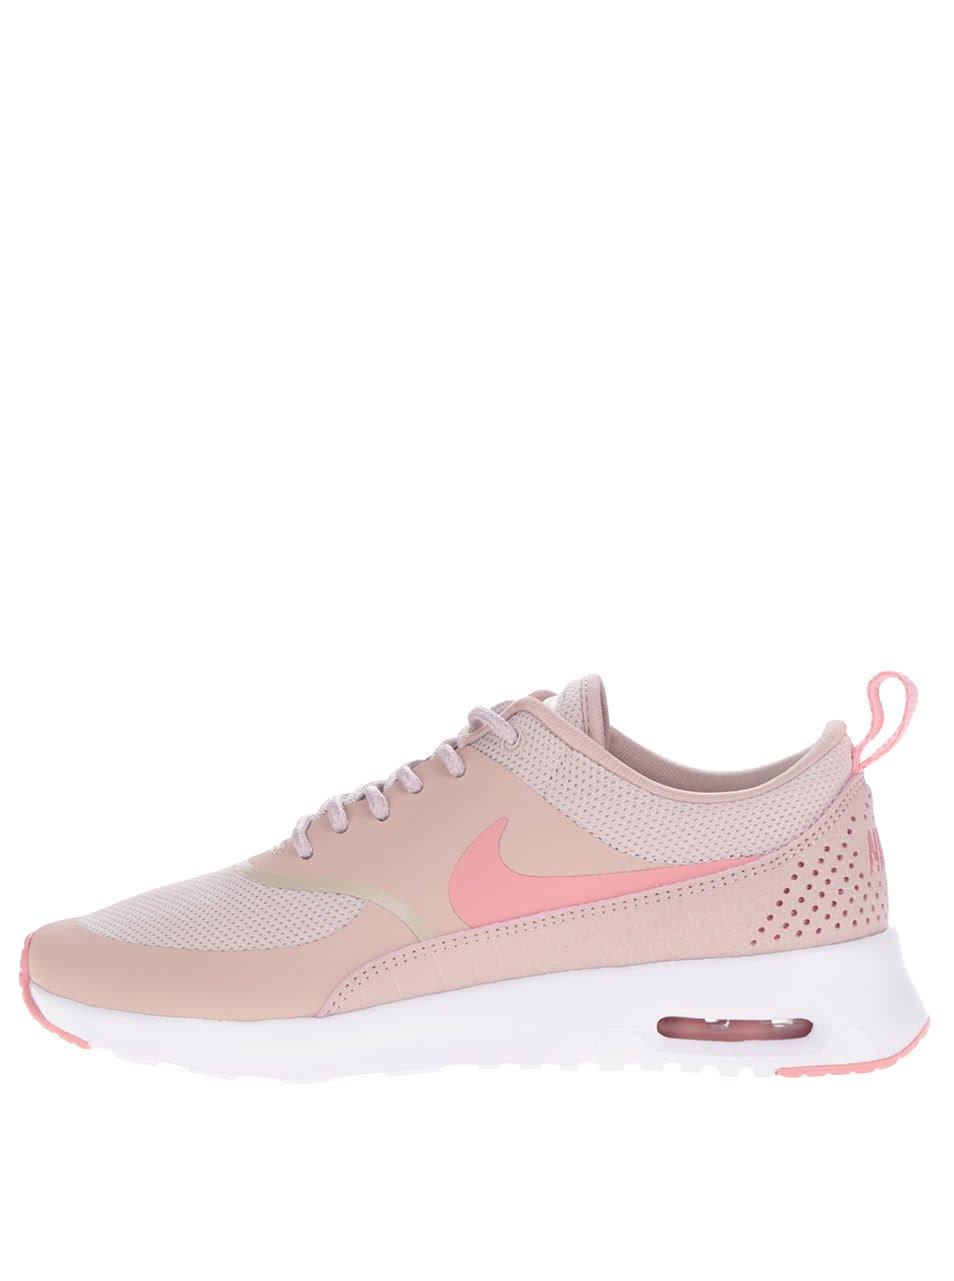 Světle růžové dámské tenisky Nike Air Max Thea